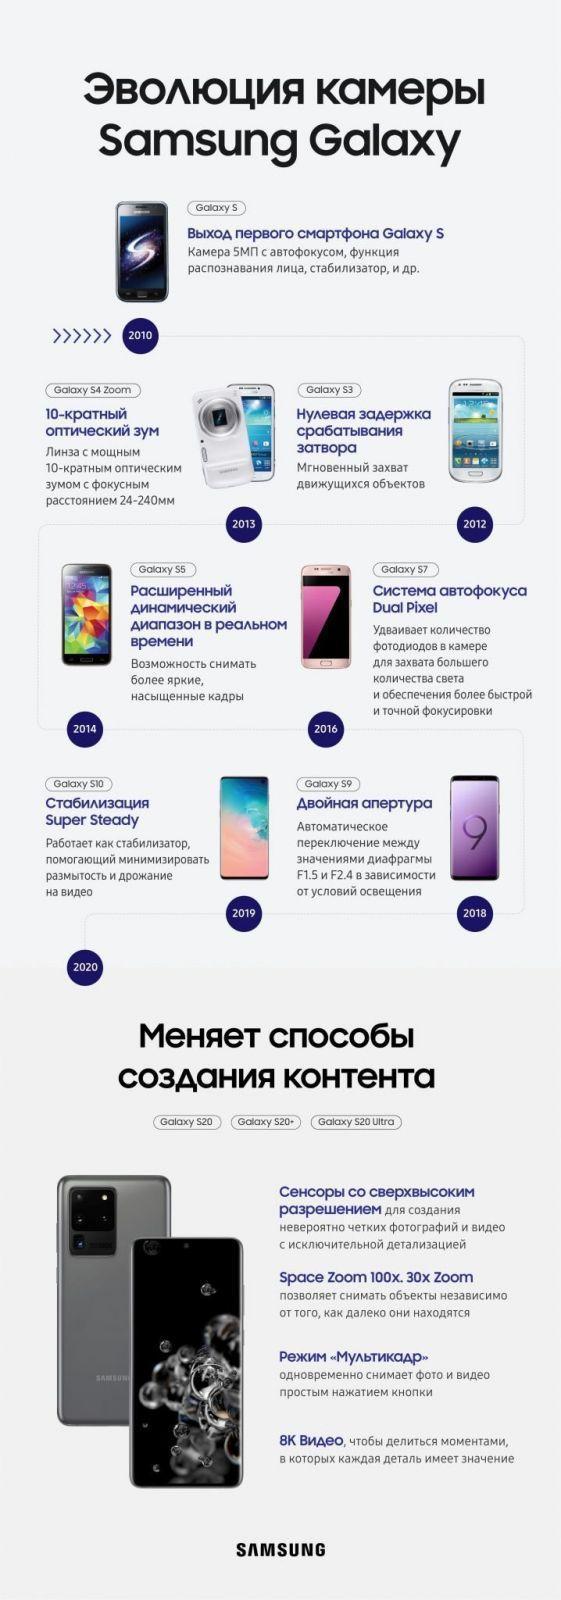 Смартфоны Samsung Galaxy S20 поступили в продажу в России Смартфоны Samsung Galaxy S20 поступили в продажу в России